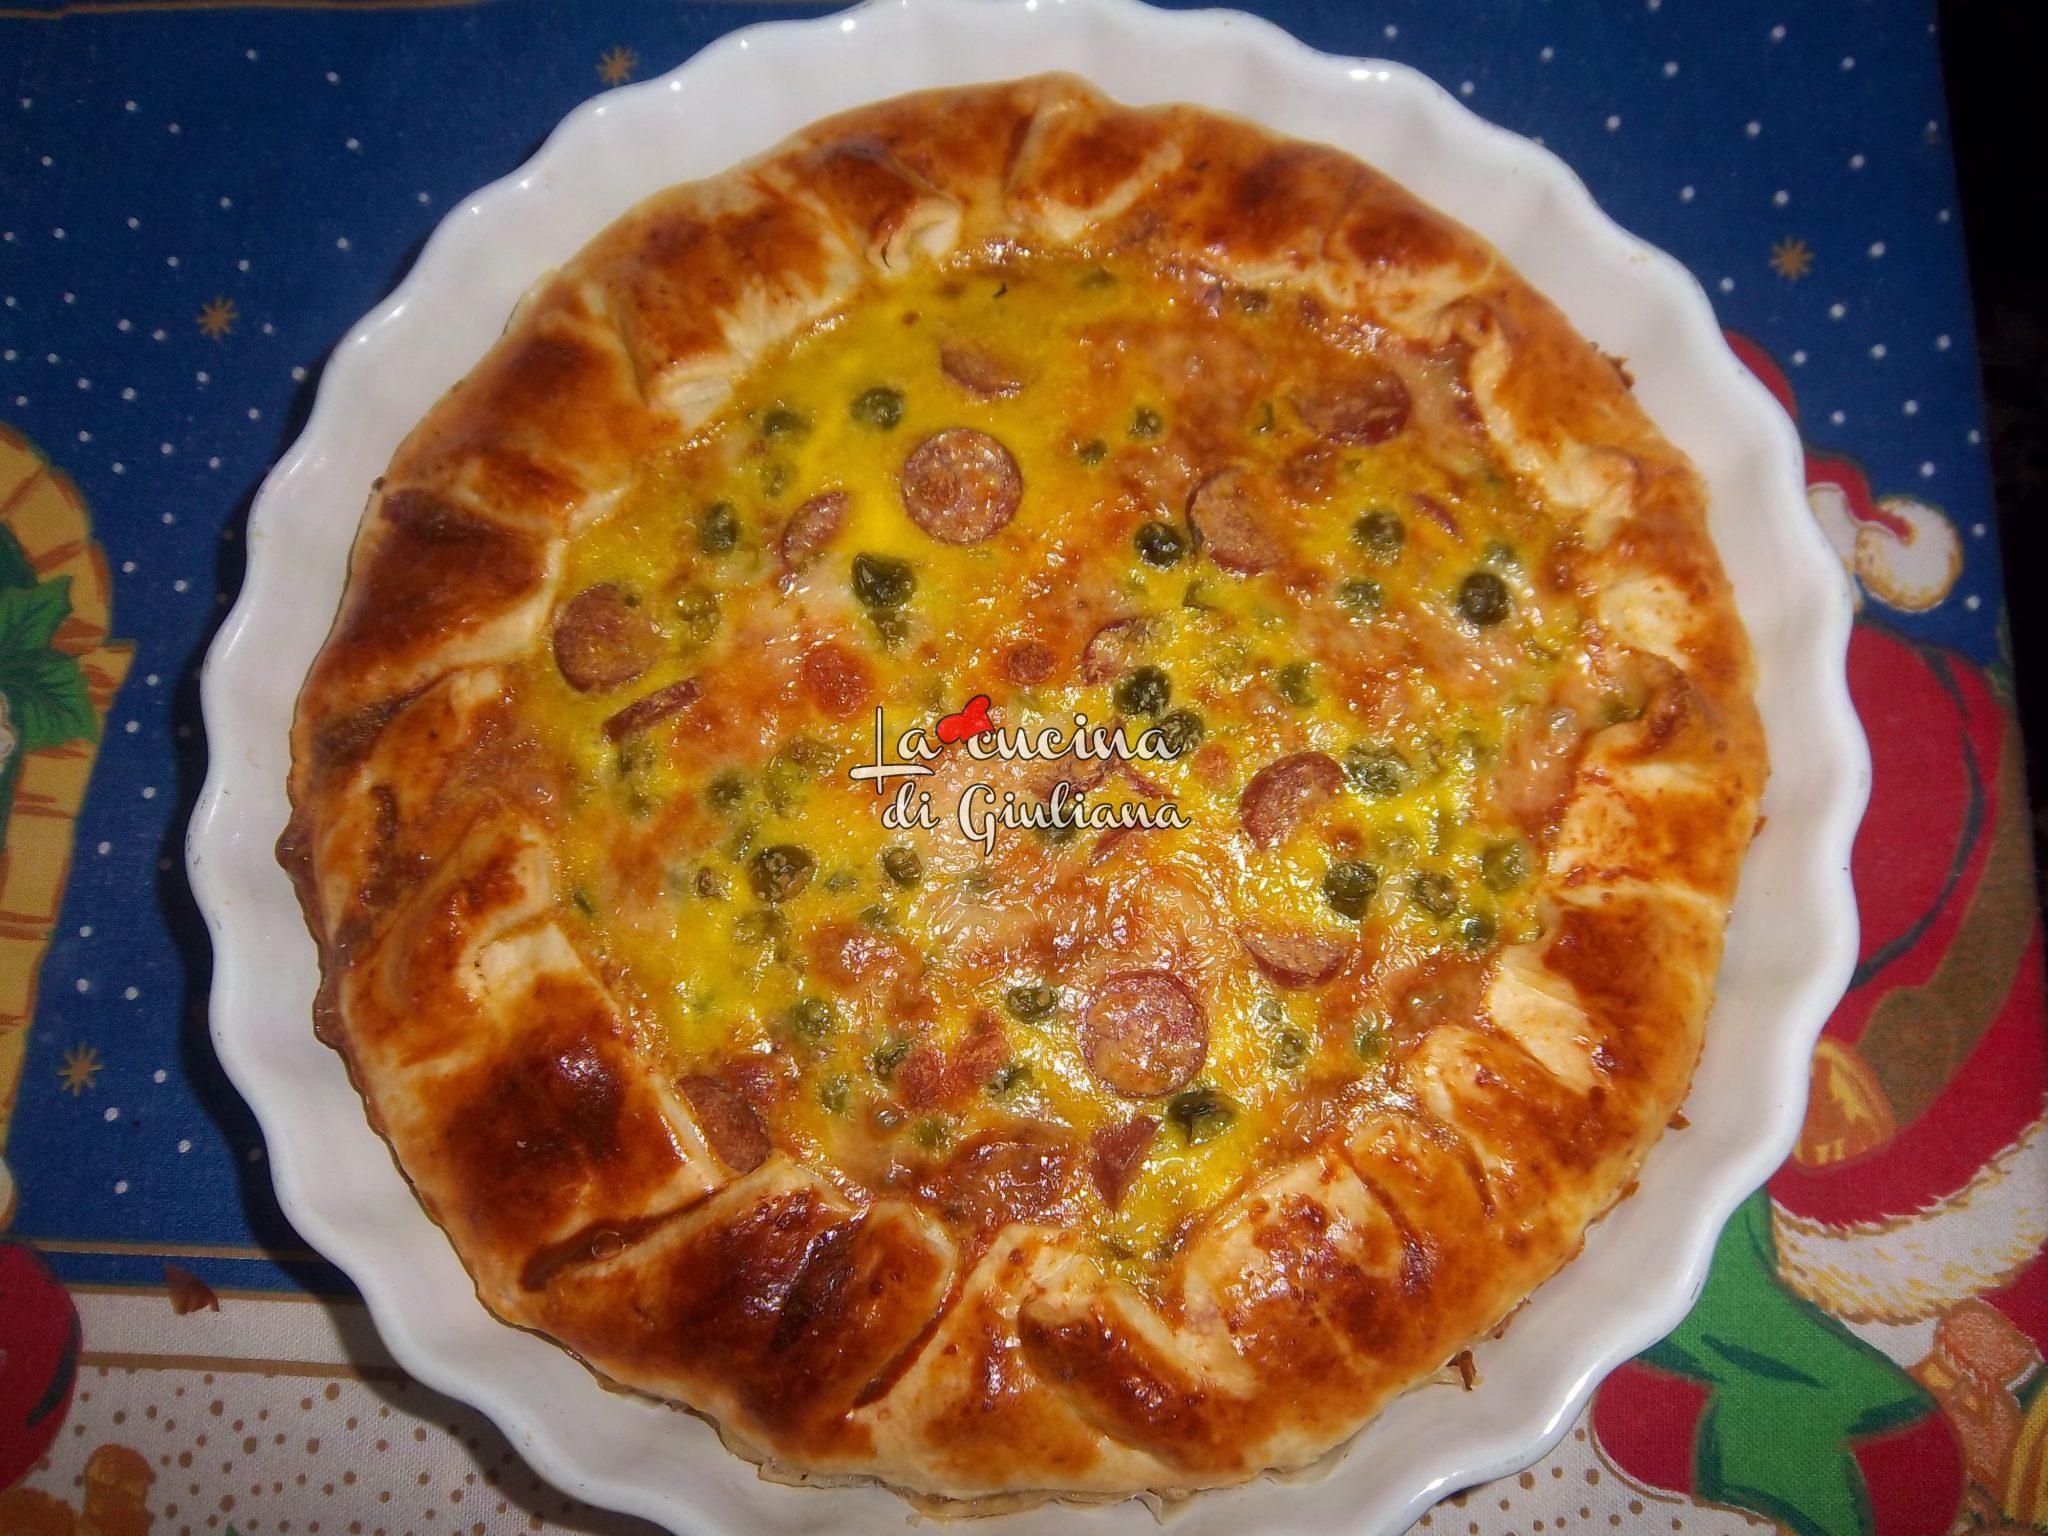 Ricetta Torta Salata Wurstel.Torta Salata Con Piselli Wurstel E Mozzarella La Cucina Di Giuliana